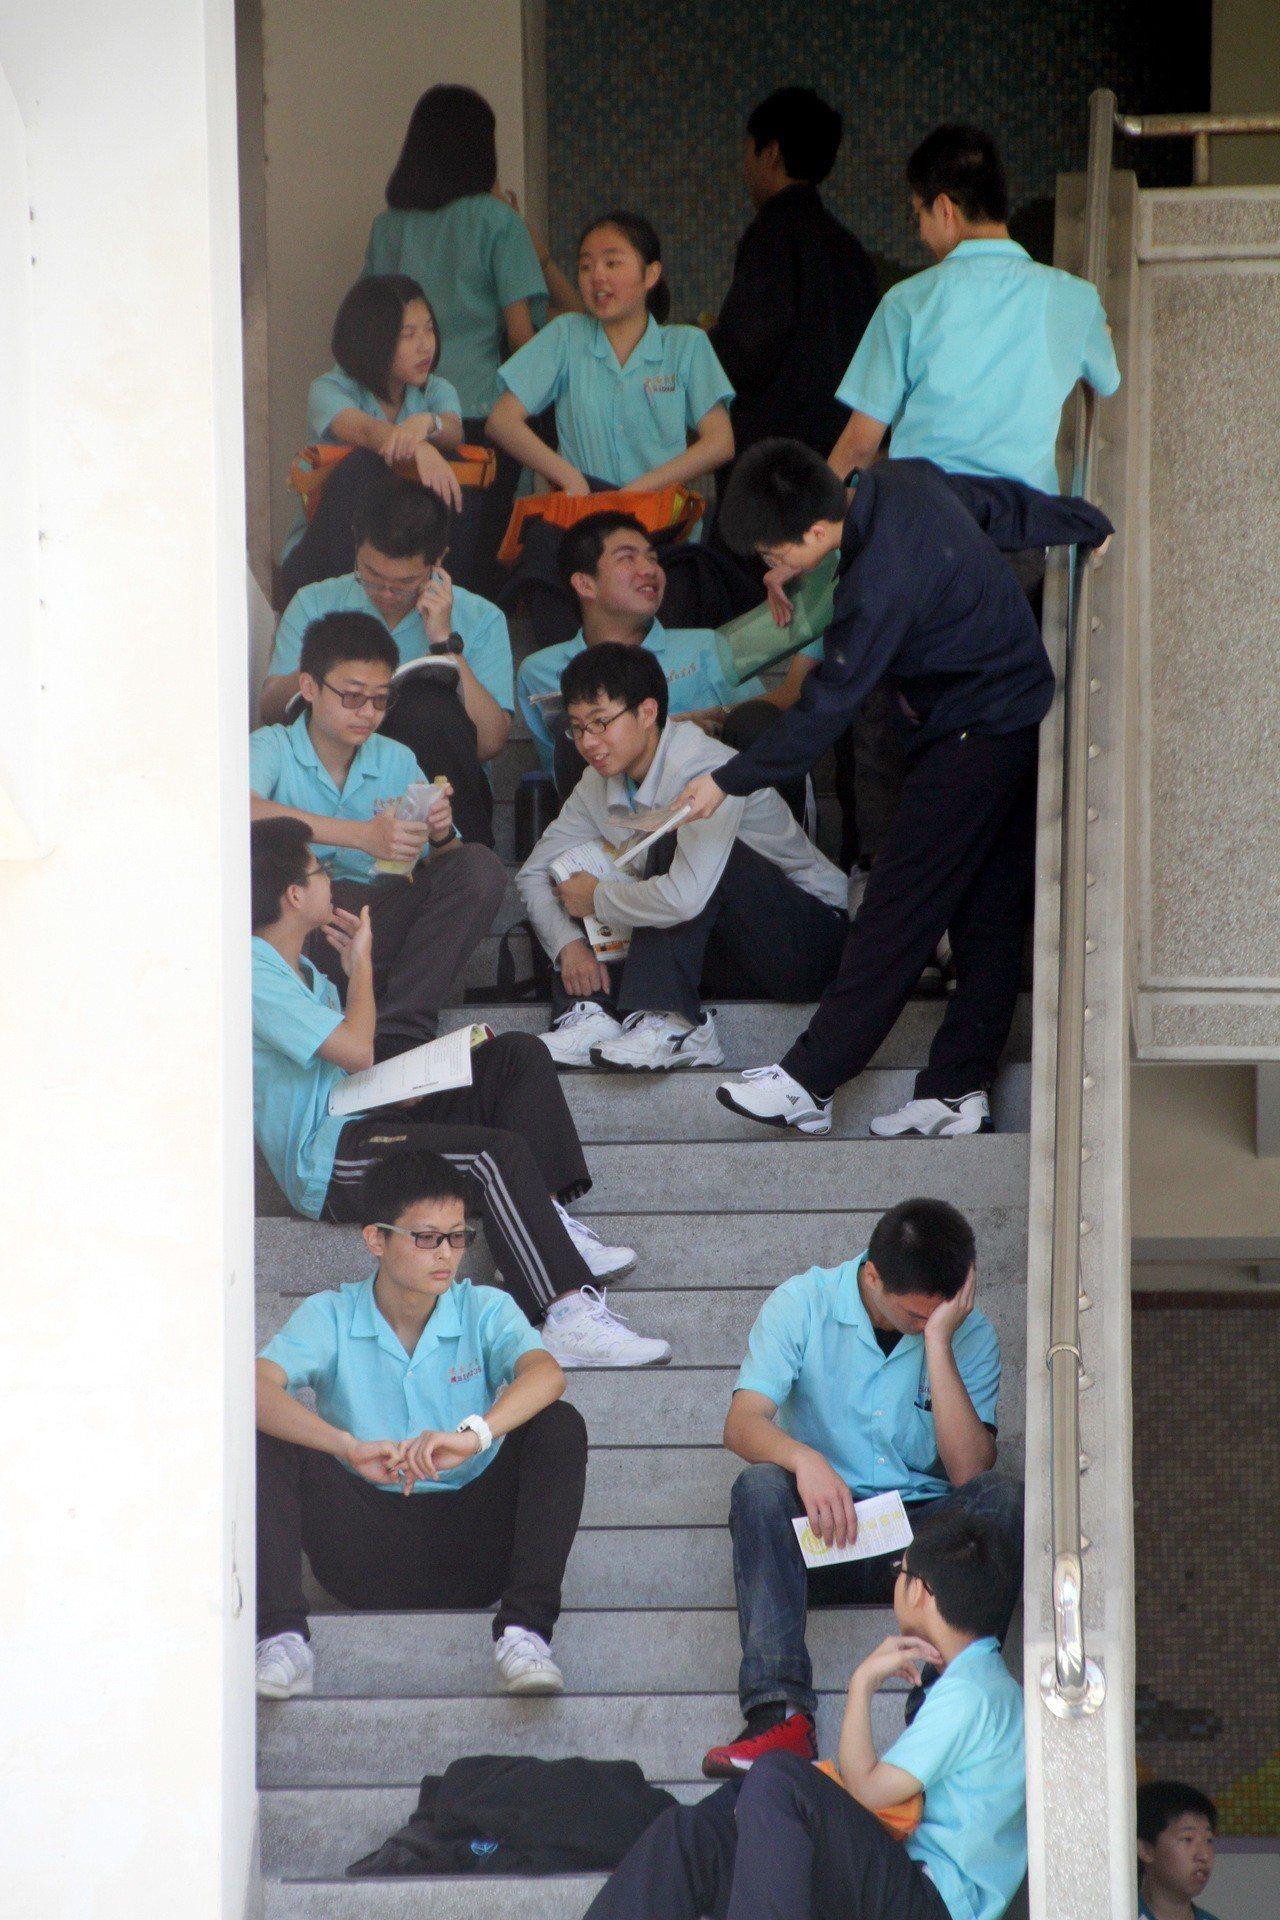 國中教育會考考生在苗栗高中考場等候考試鈴響,有的抽空溫書,有的趁機小寐,準備迎接...